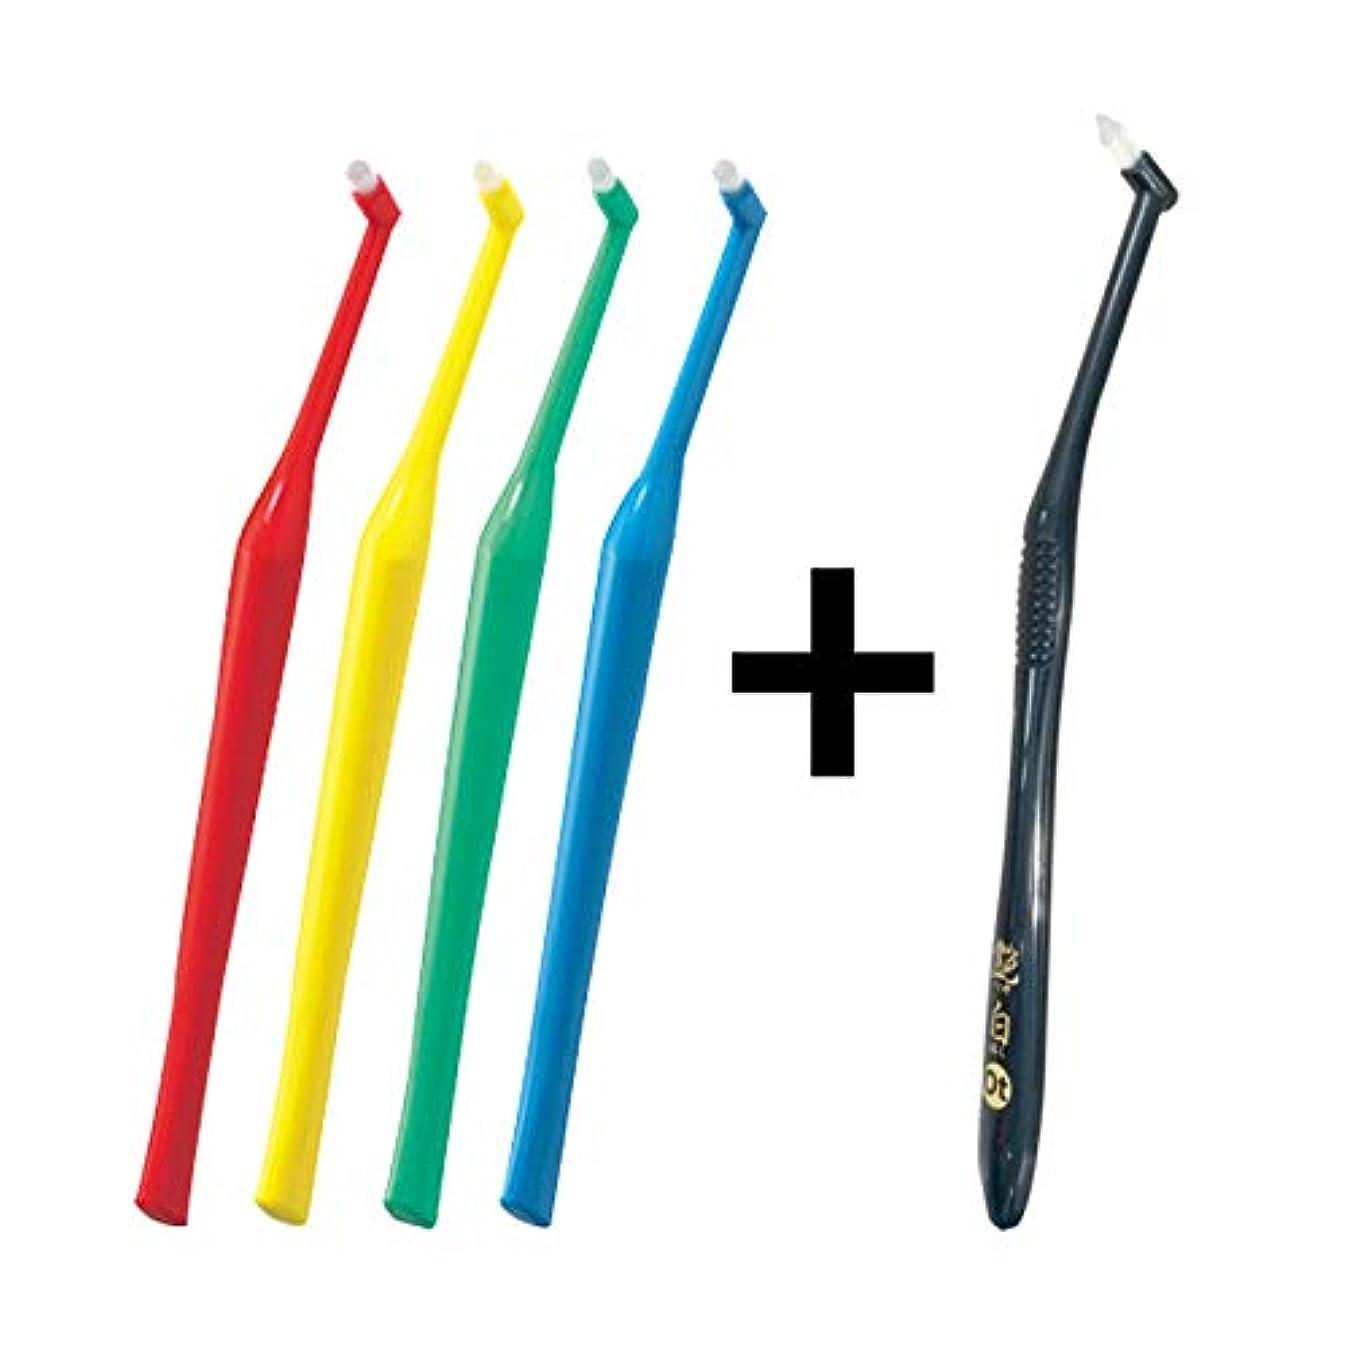 ページ誇りに思うポインタプラウト Plaut × 4本 アソート (MS(ミディアムソフト))+艶白 ワンタフト 歯ブラシ 1本 MS(やややわらかめ) オーラルケア ポイントブラシ 歯科専売品